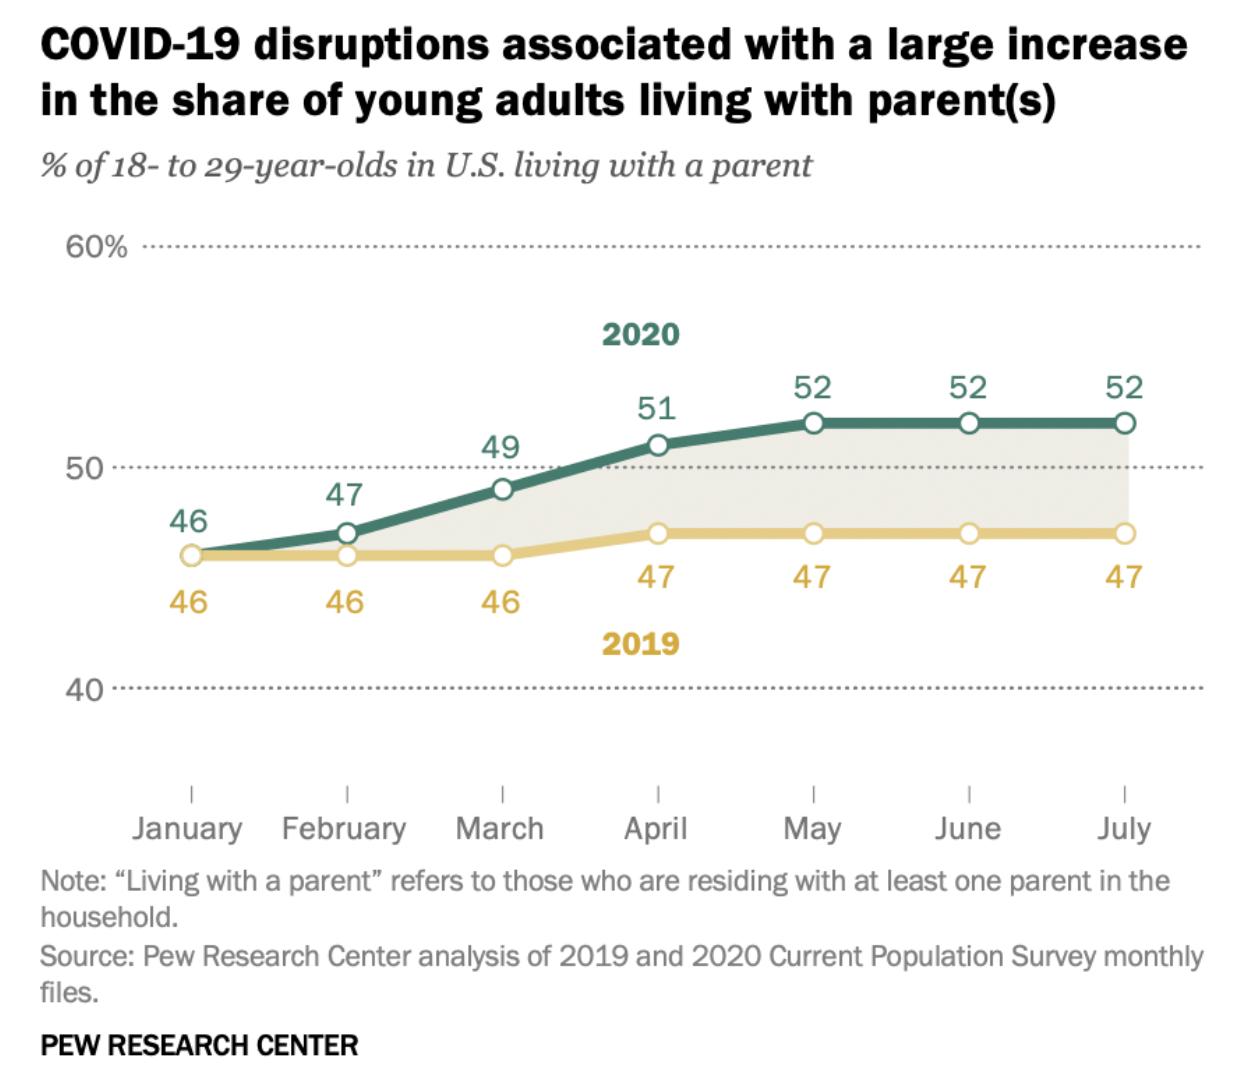 自2020年4月开始,18至29岁美国年轻人中,和父母同住者比例超过50%。图表来自皮尤研究中心报告